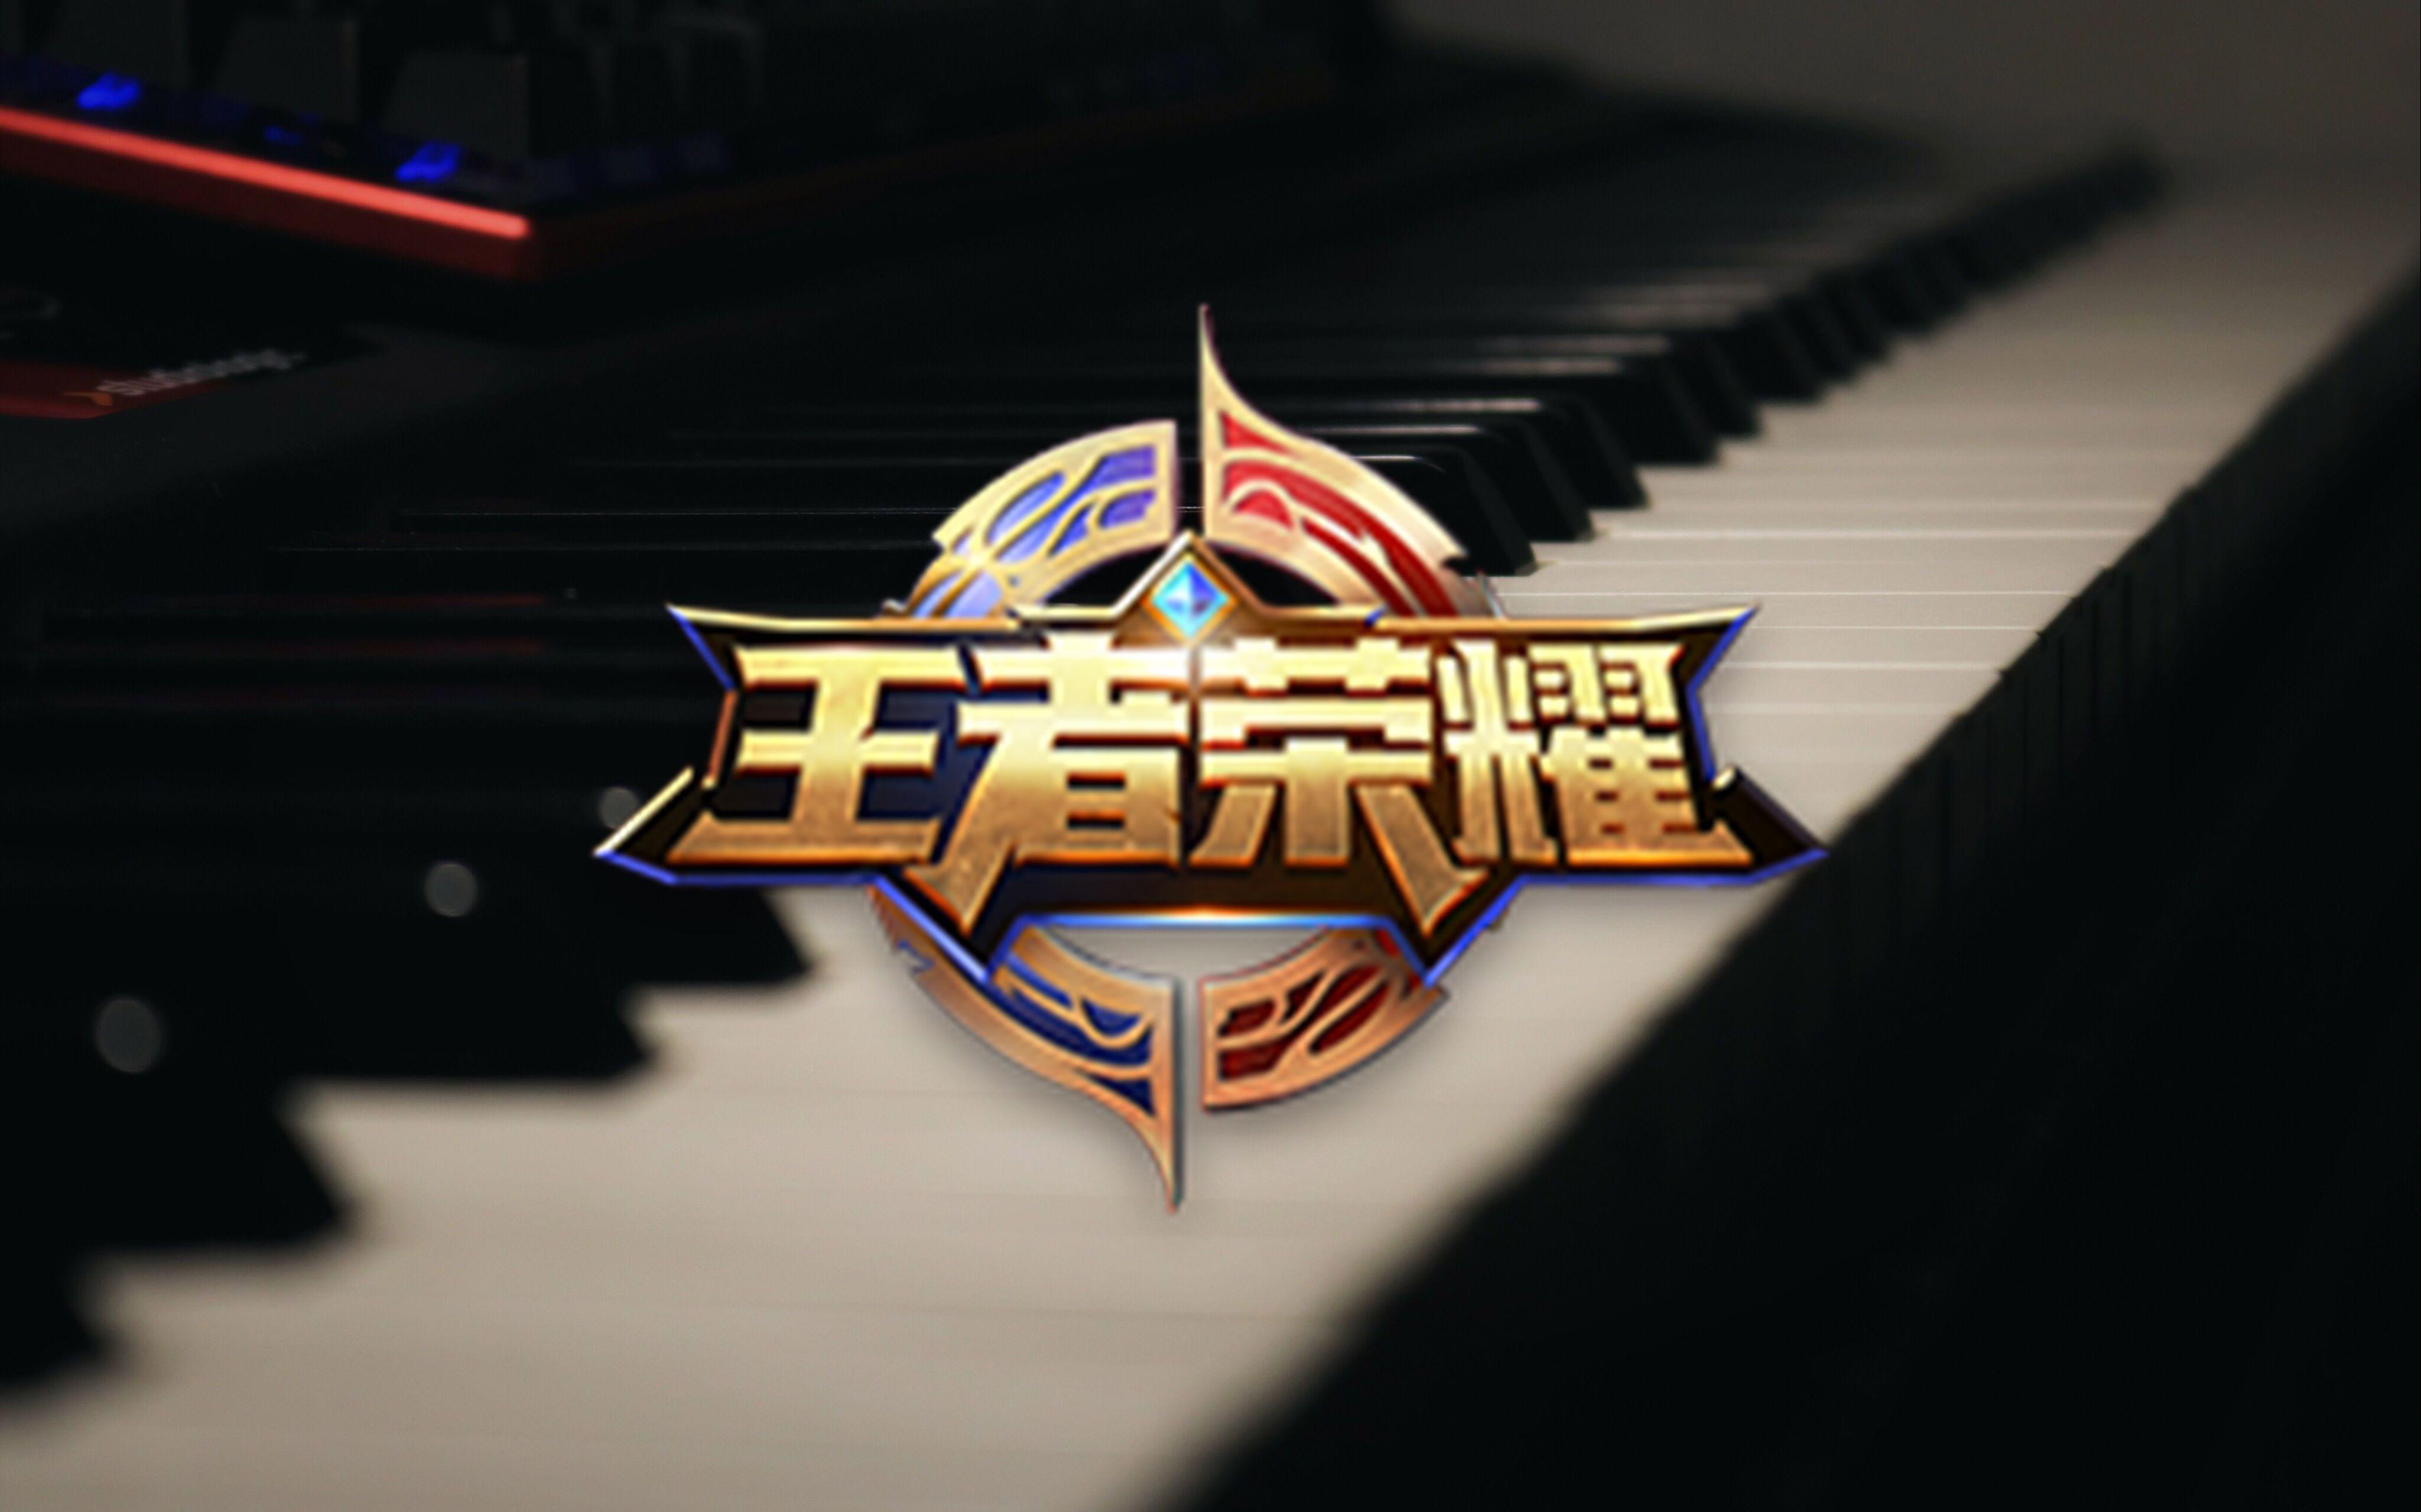 【钢琴】你有好好听过登录时的音乐吗?--王者荣耀登录曲